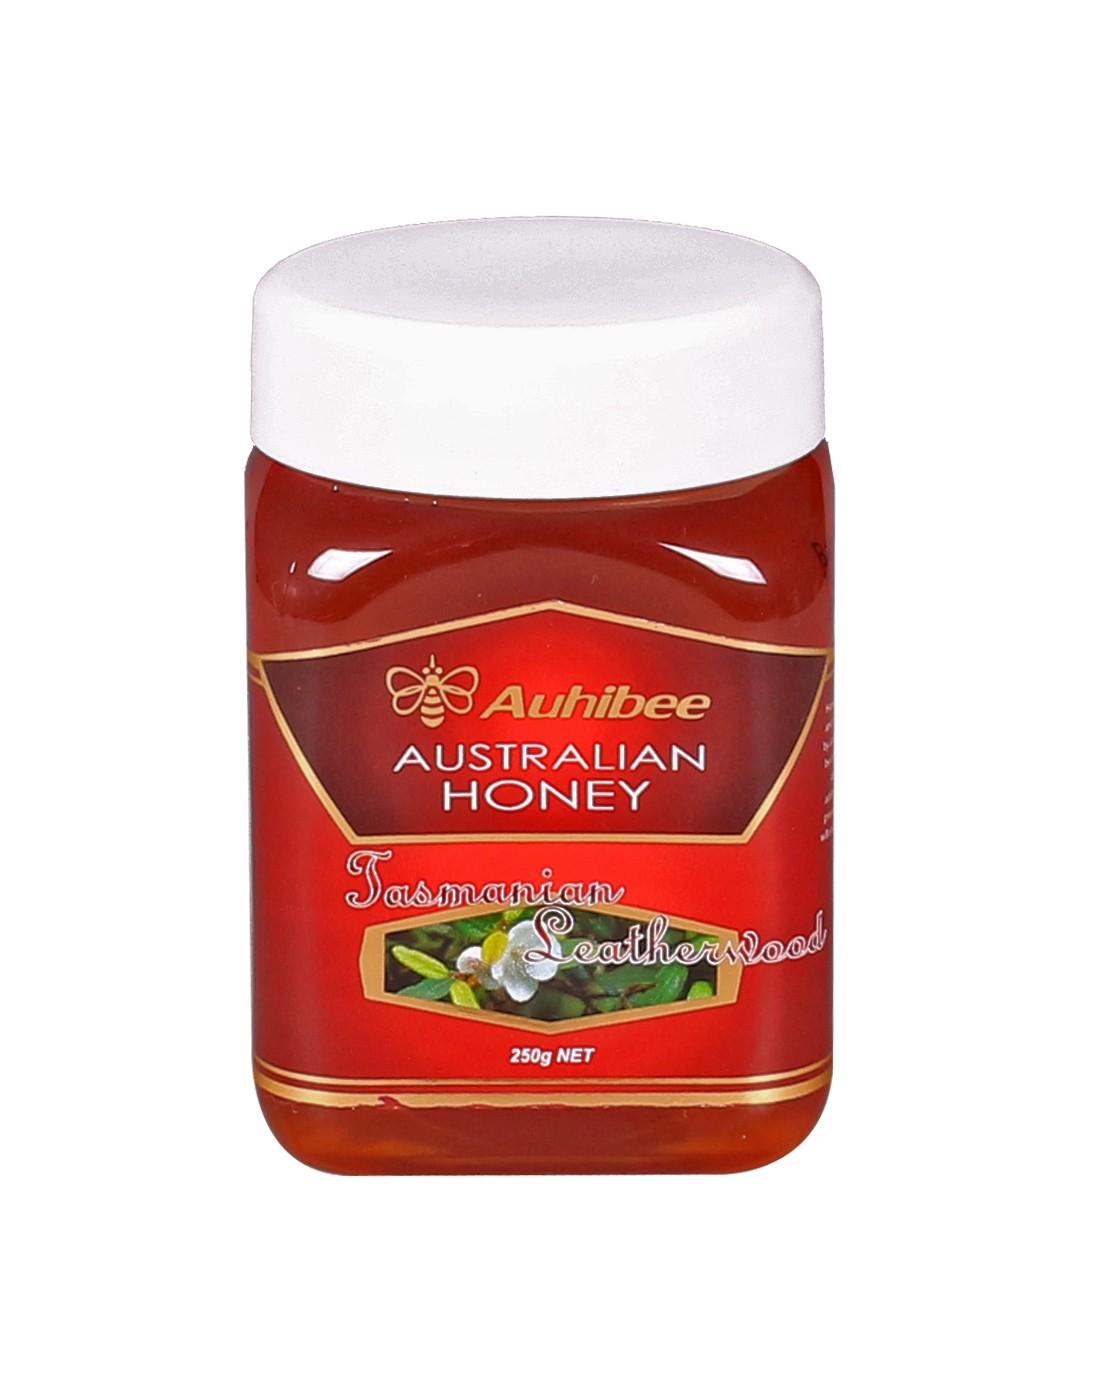 塔斯马尼亚革木蜂蜜250g